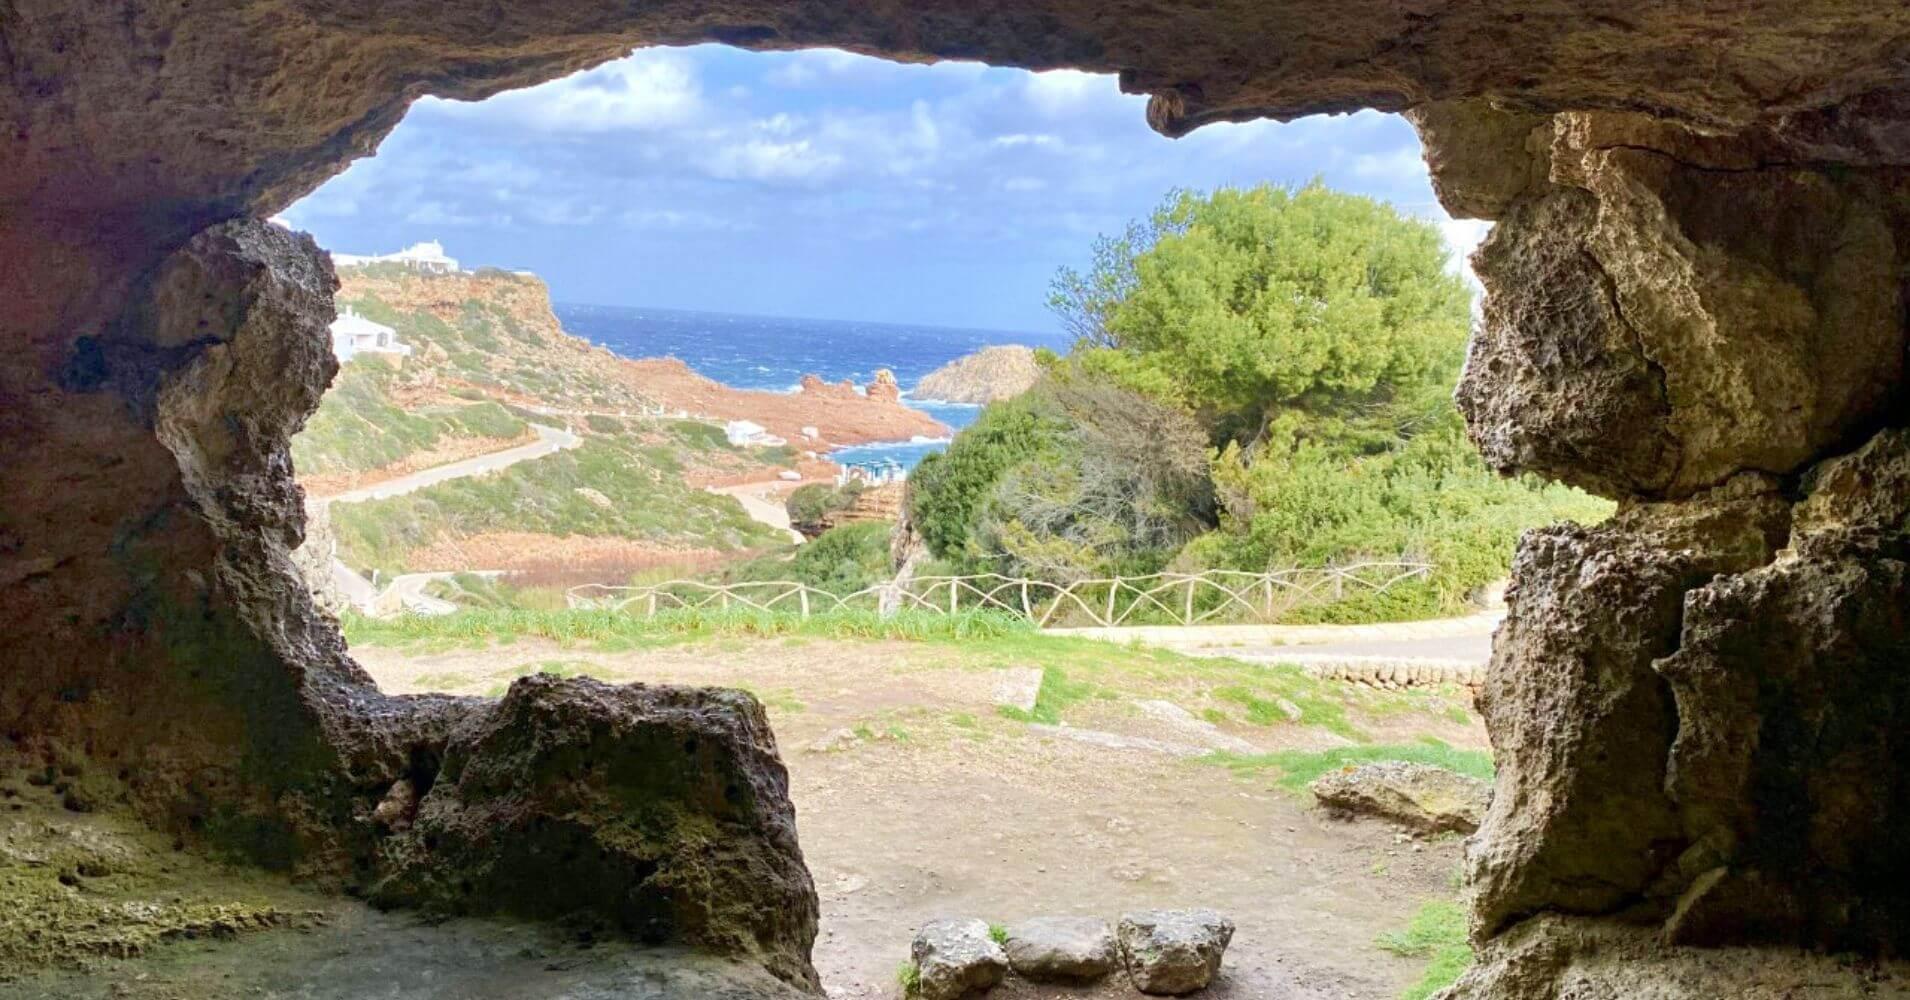 Necrópolis de Cala Morell. Isla de Menorca. Islas Baleares.